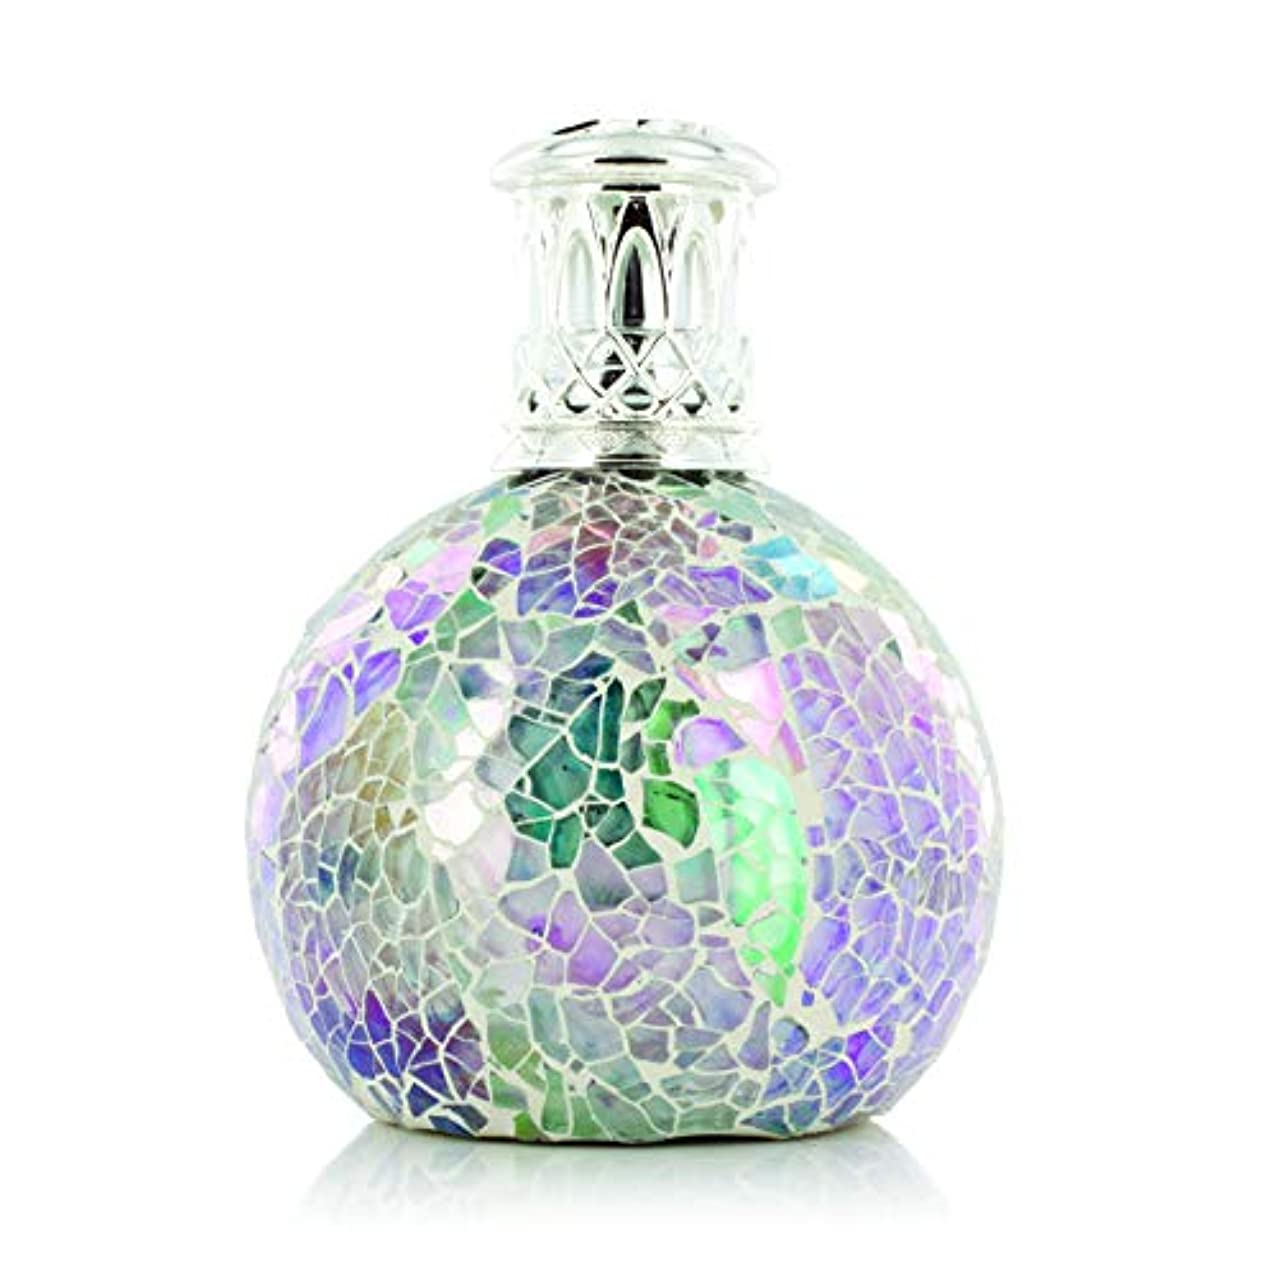 厳スモッグジャニスAshleigh&Burwood フレグランスランプ S フェアリーボール FragranceLamps sizeS FairyBall アシュレイ&バーウッド